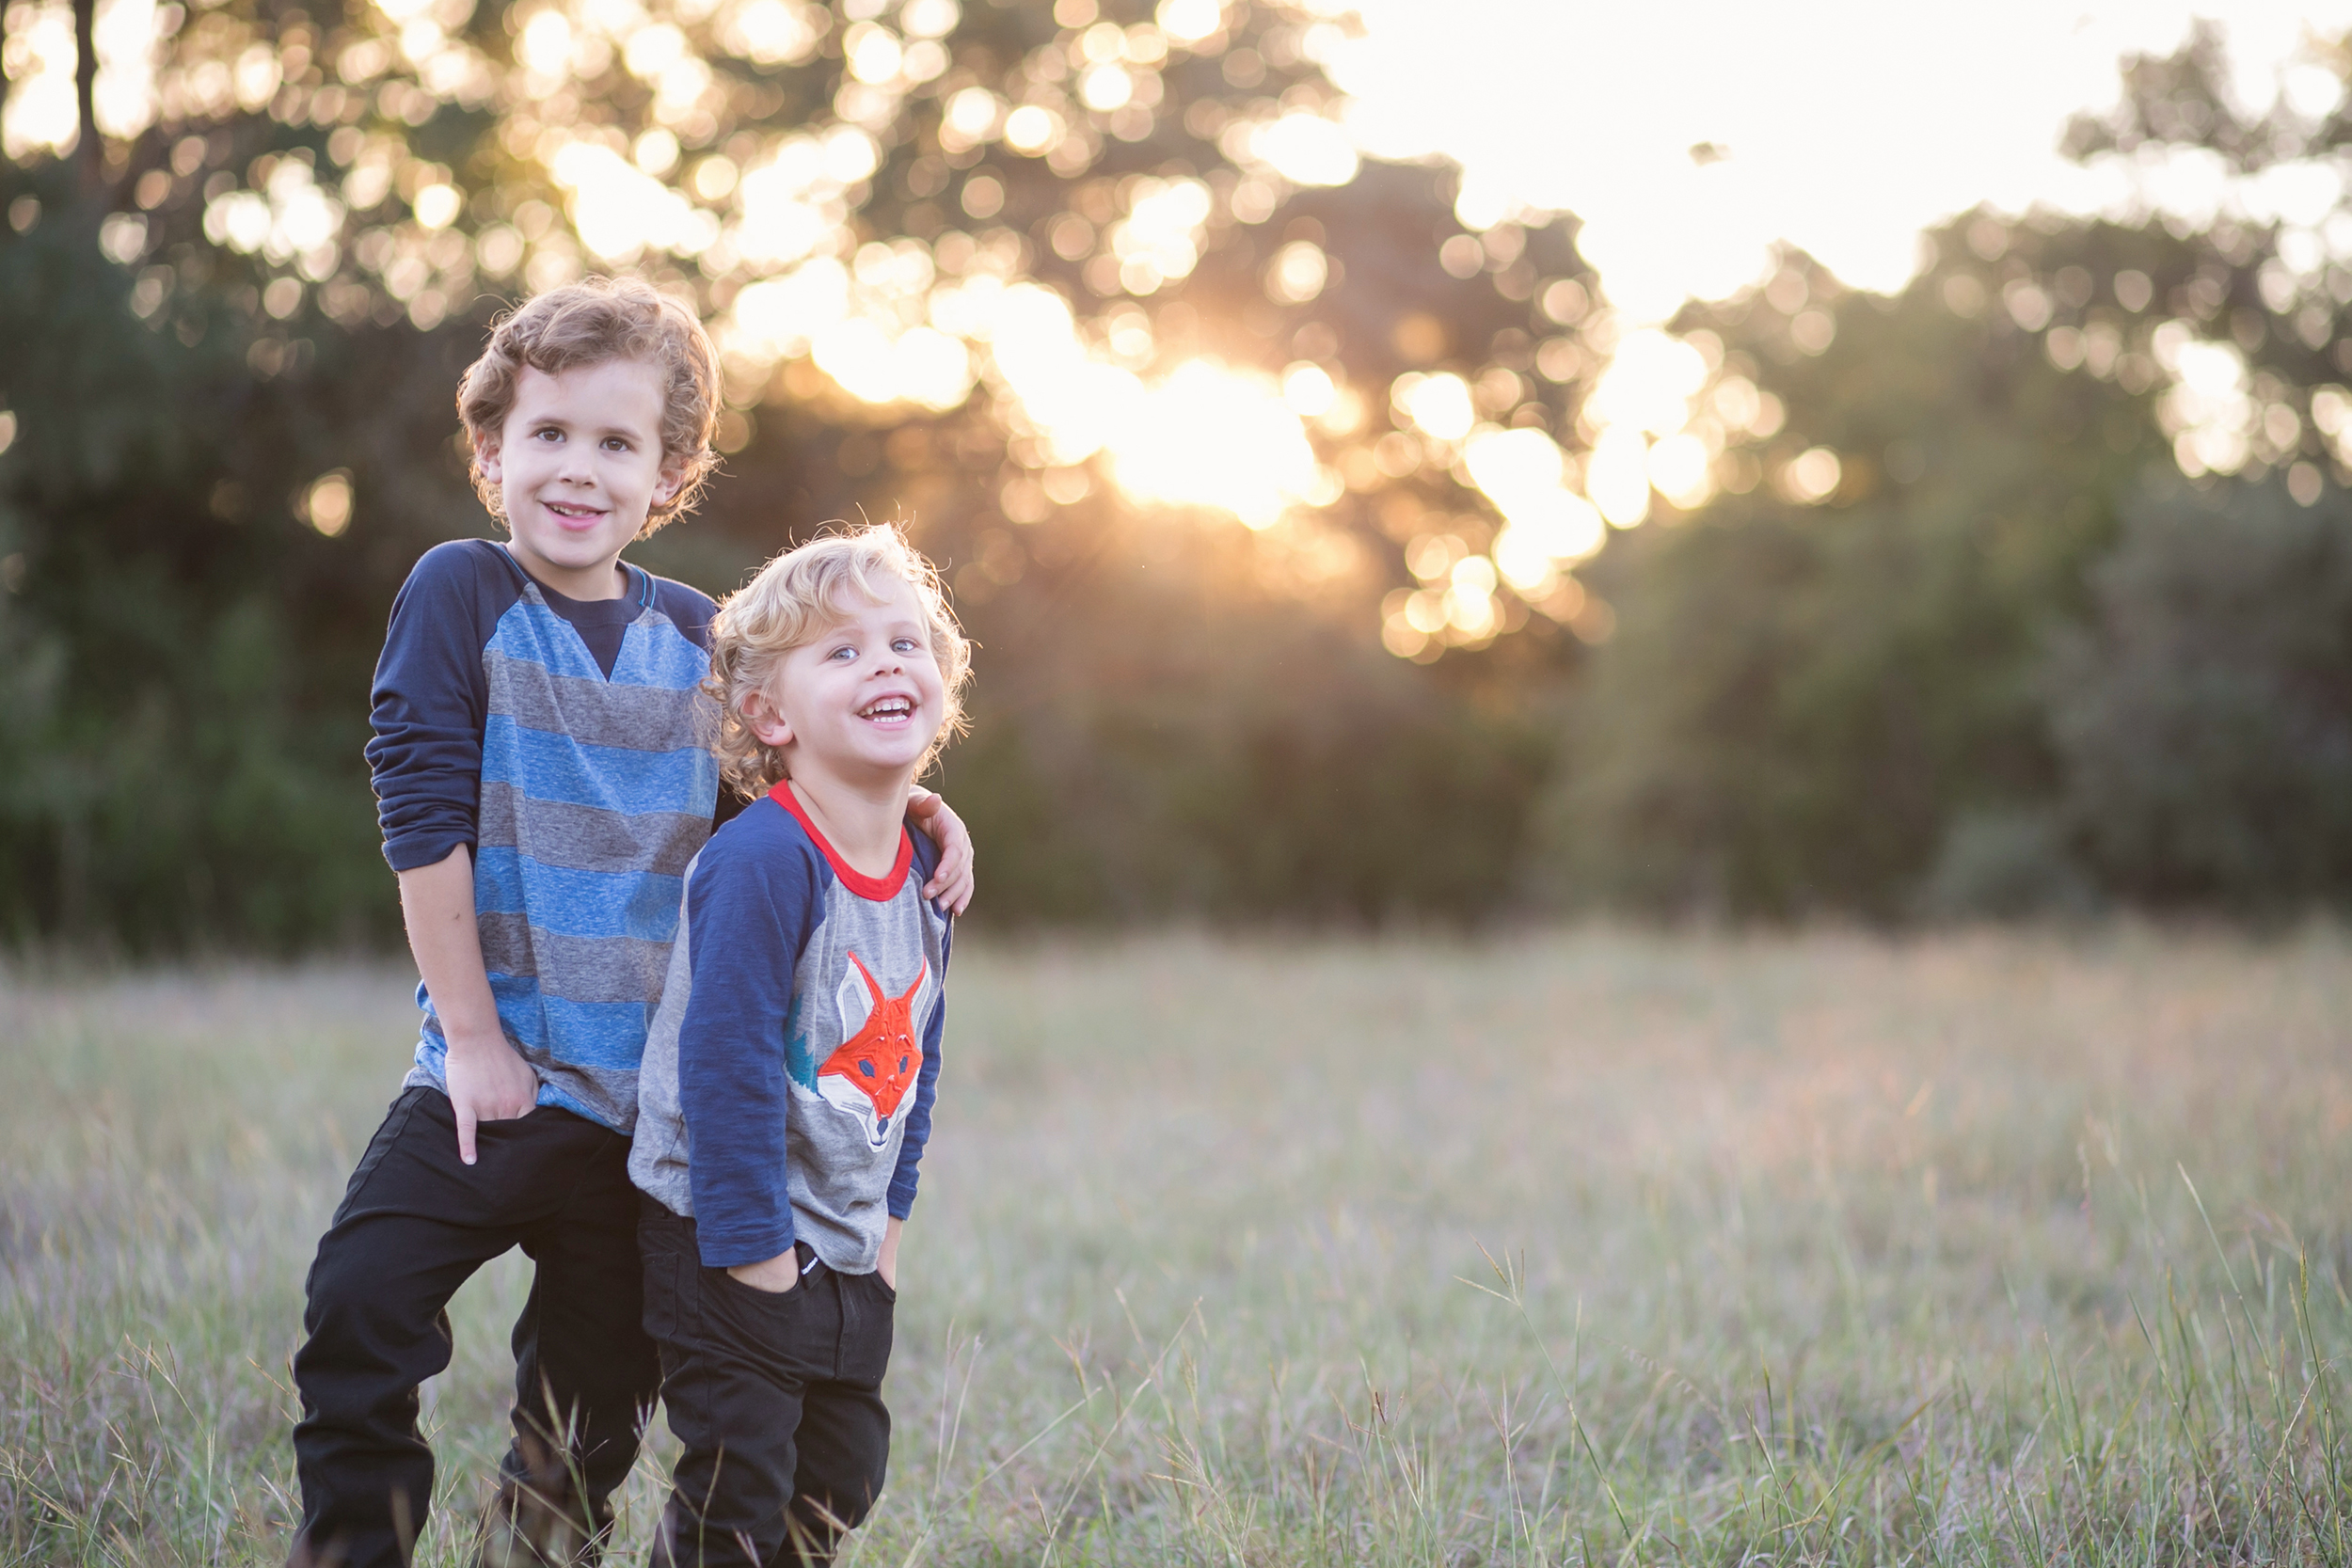 Austin_TX_Family_Photographer_KBP007.jpg